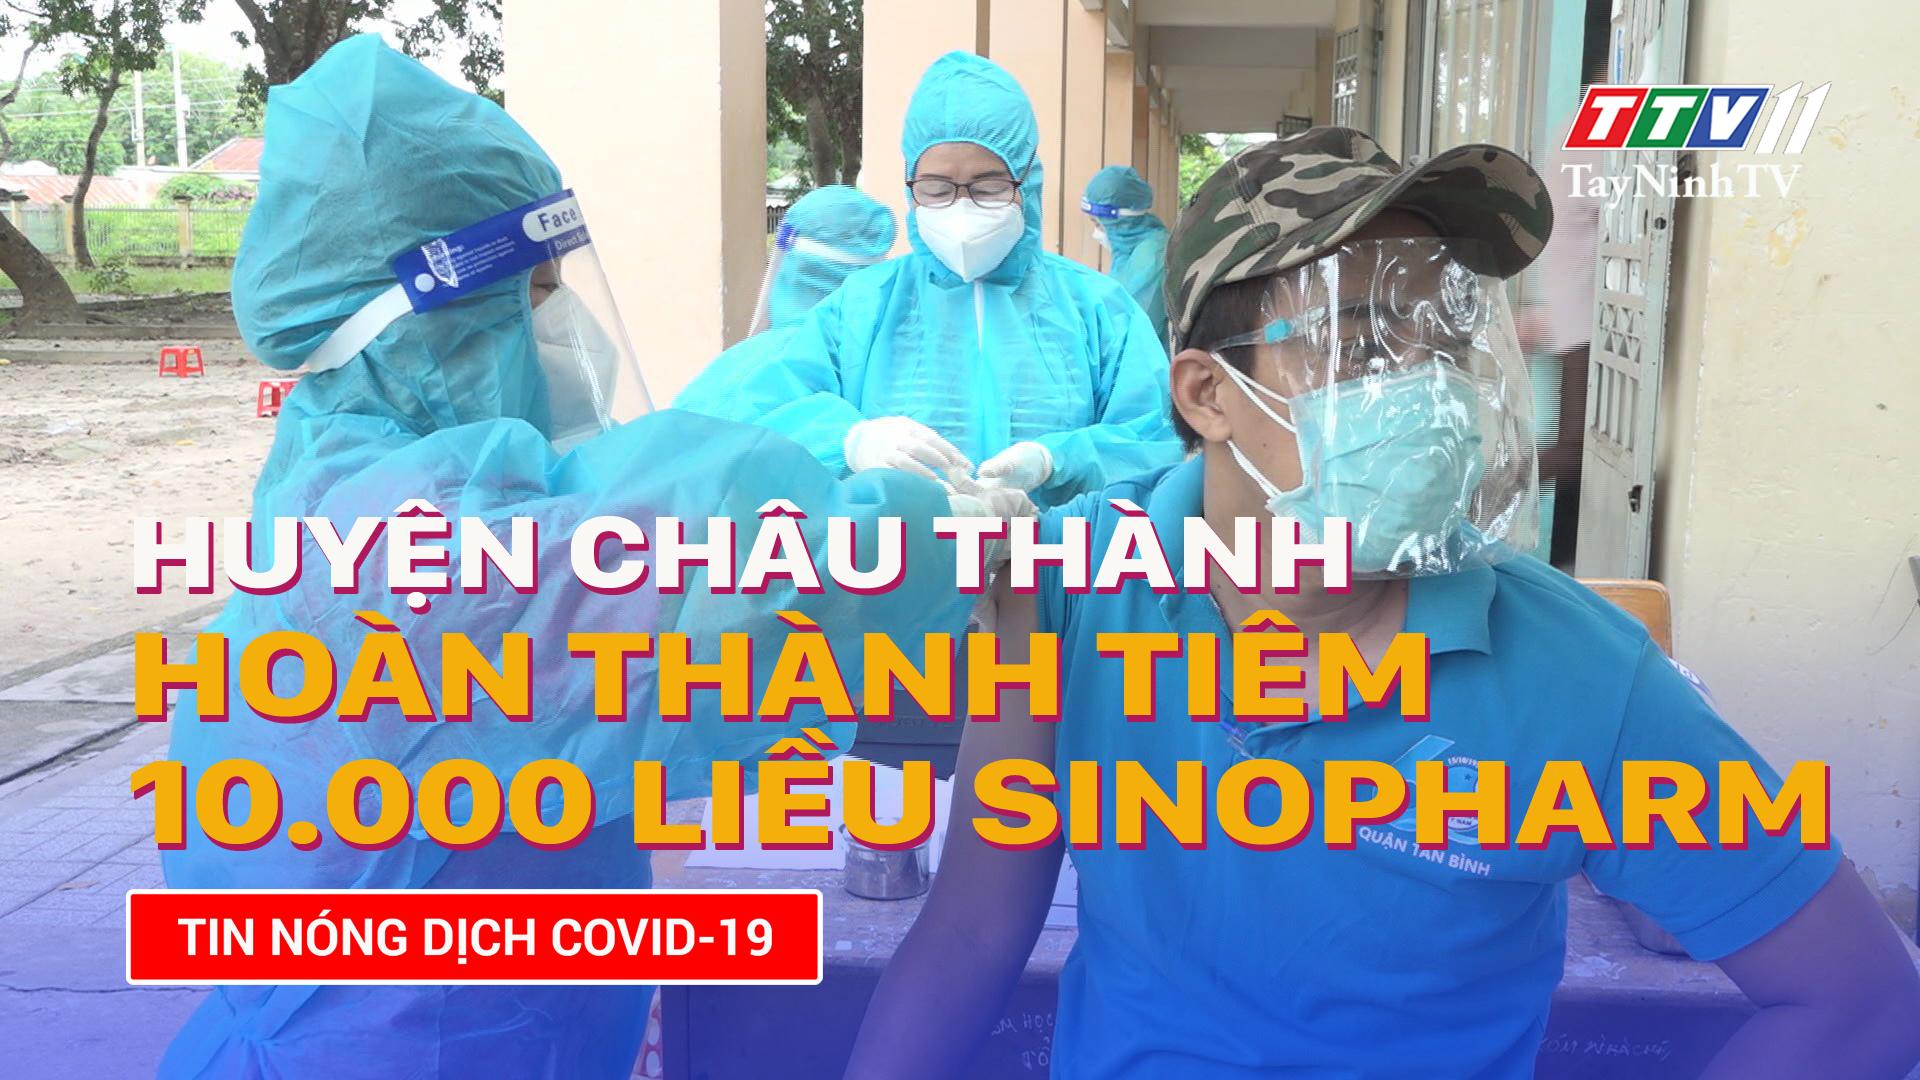 Châu Thành hoàn thành tiêm 10.000 liều vắcxin Sinopharm | TayNinhTV